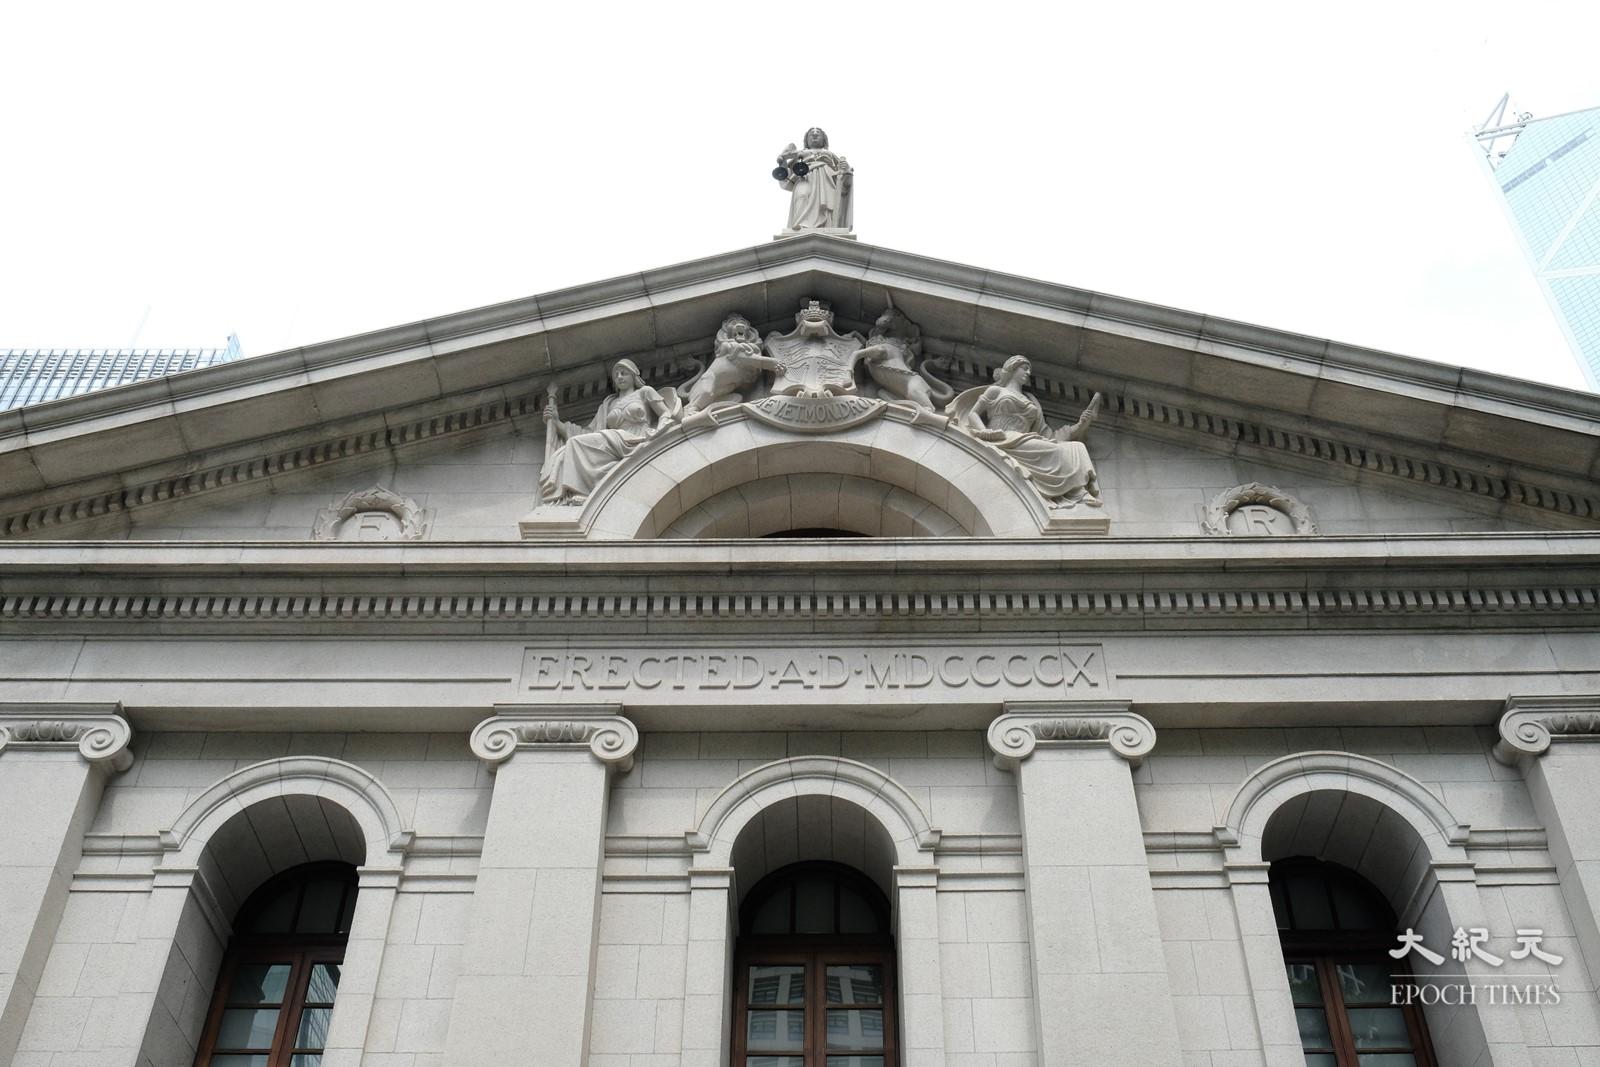 梁頌恆衝擊立法會案上訴至終審法院,今日(16日)在終審法院頒布判案書,五名主審法官一致駁回梁頌恆上訴。(李榮忠/大紀元)